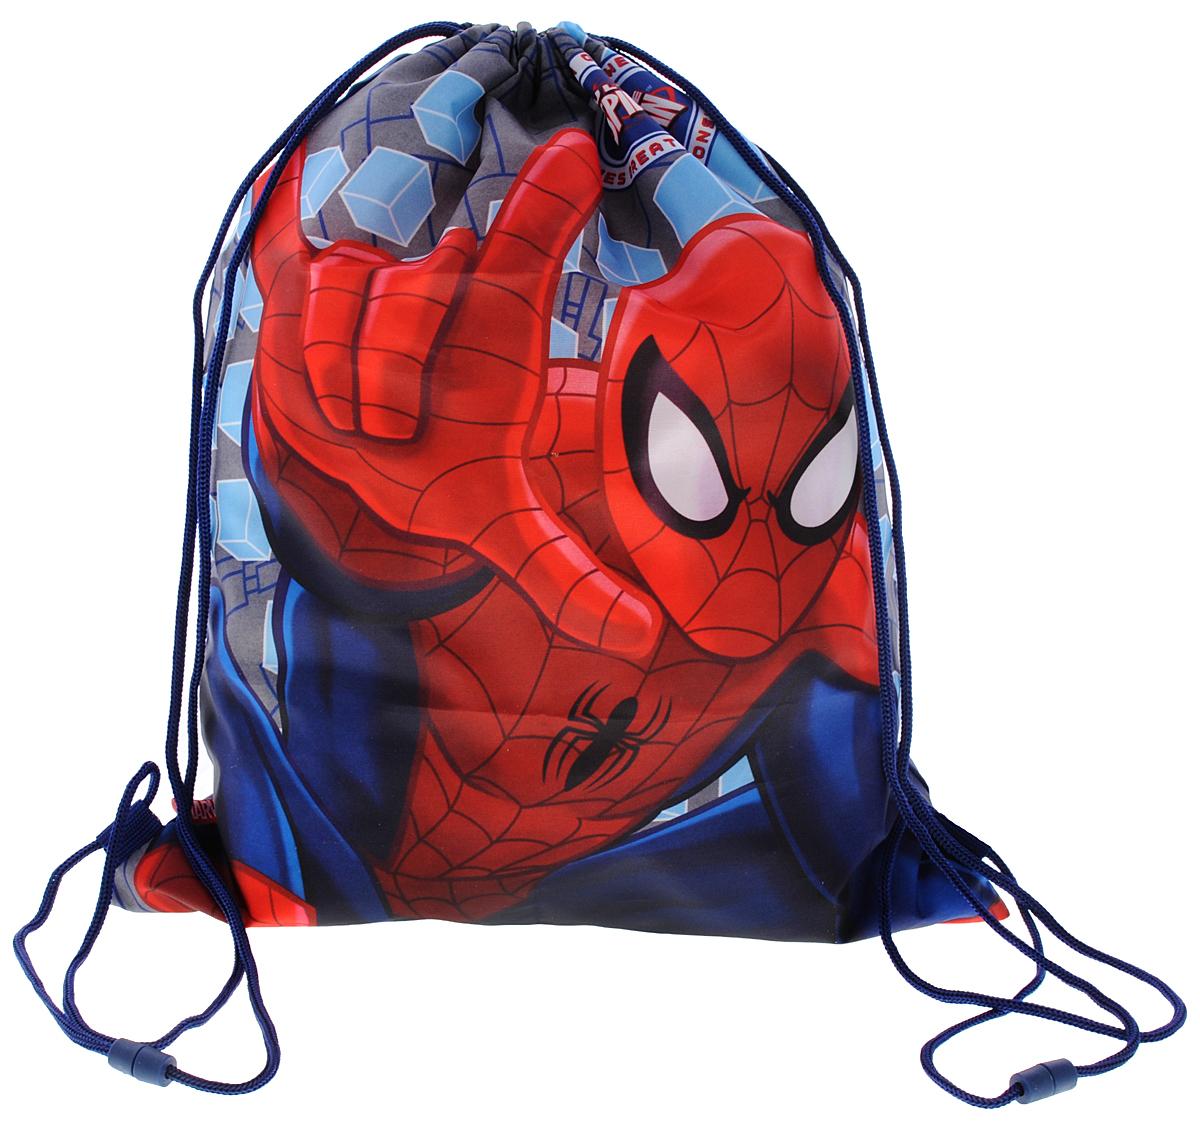 Spider-Man Мешок для обувиSMBB-UT2-883Мешок для обуви Spider-Man идеально подойдет как для хранения, так и для переноски сменной обуви и одежды. Сумка выполнена из прочного полиэстера и содержит одно вместительное отделение, затягивающееся с помощью текстильных шнурков. Шнурки фиксируются в нижней части сумки, благодаря чему ее можно носить за спиной как рюкзак.Оформлено изделие изображением Человека-паука.Ваш ребенок с радостью будет ходить с таким аксессуаром в школу!